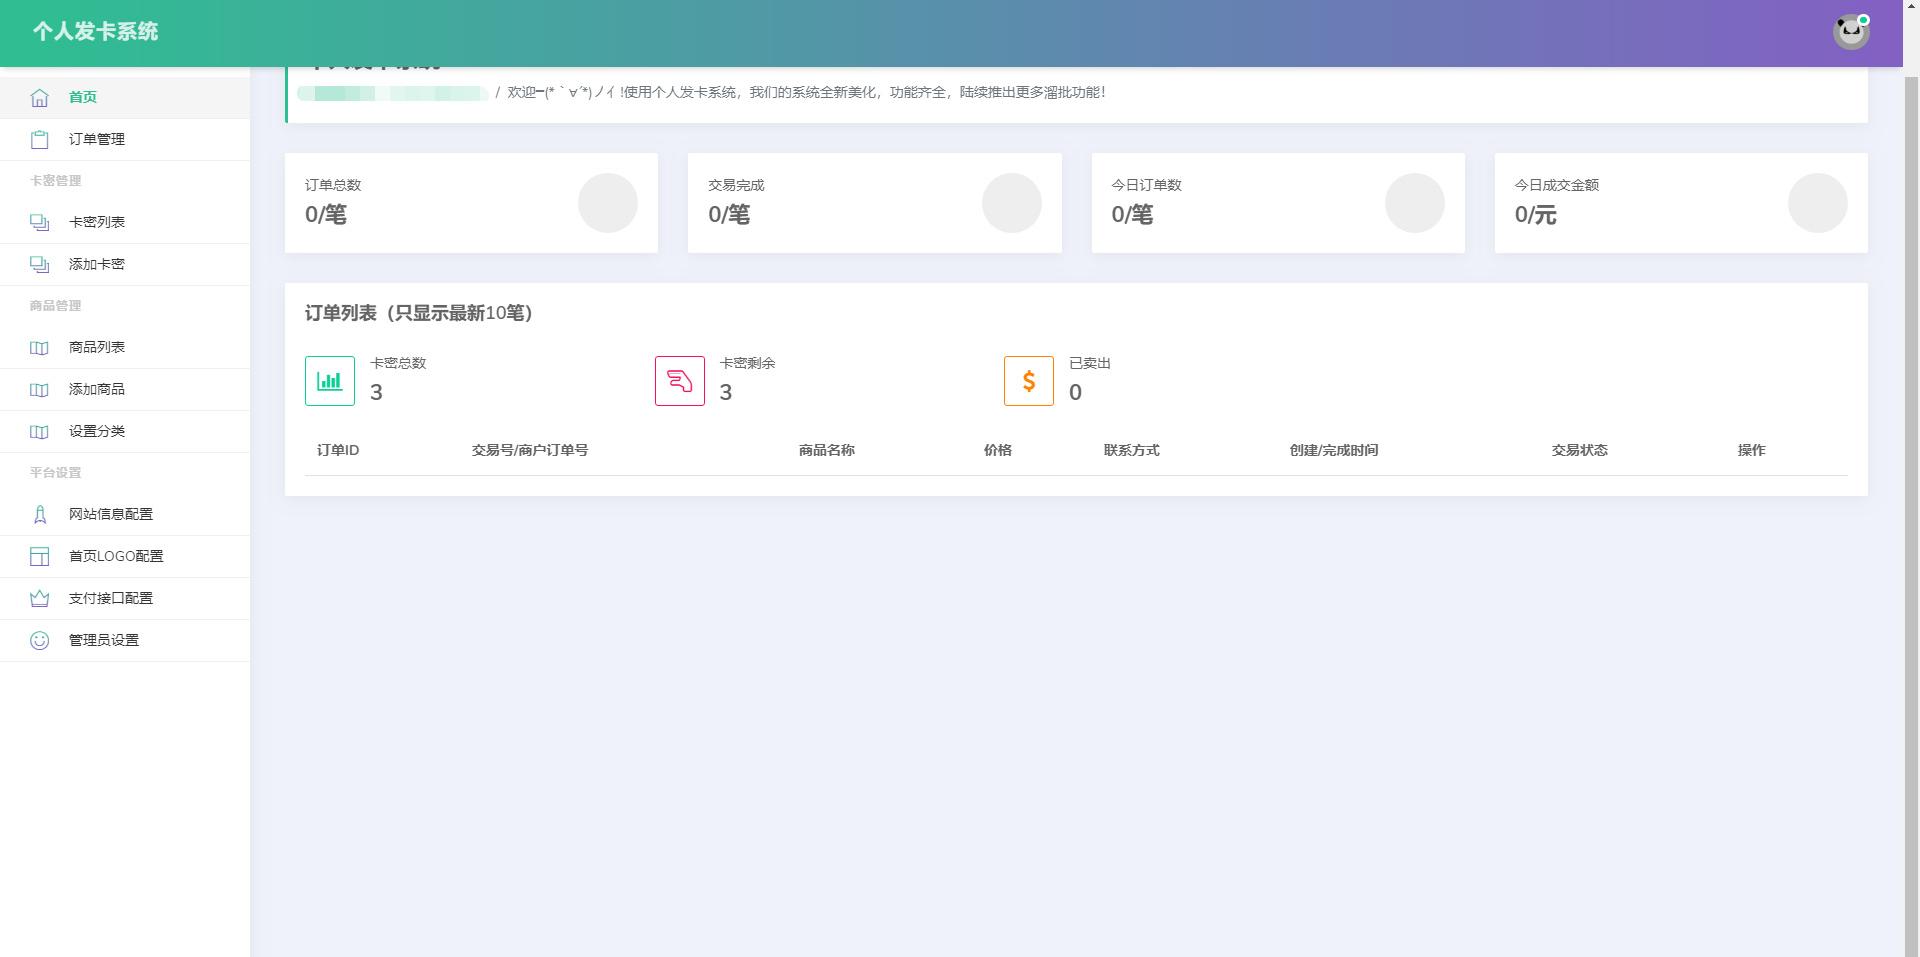 2020.05首发全开源个人发卡系统网站源码-找主题源码